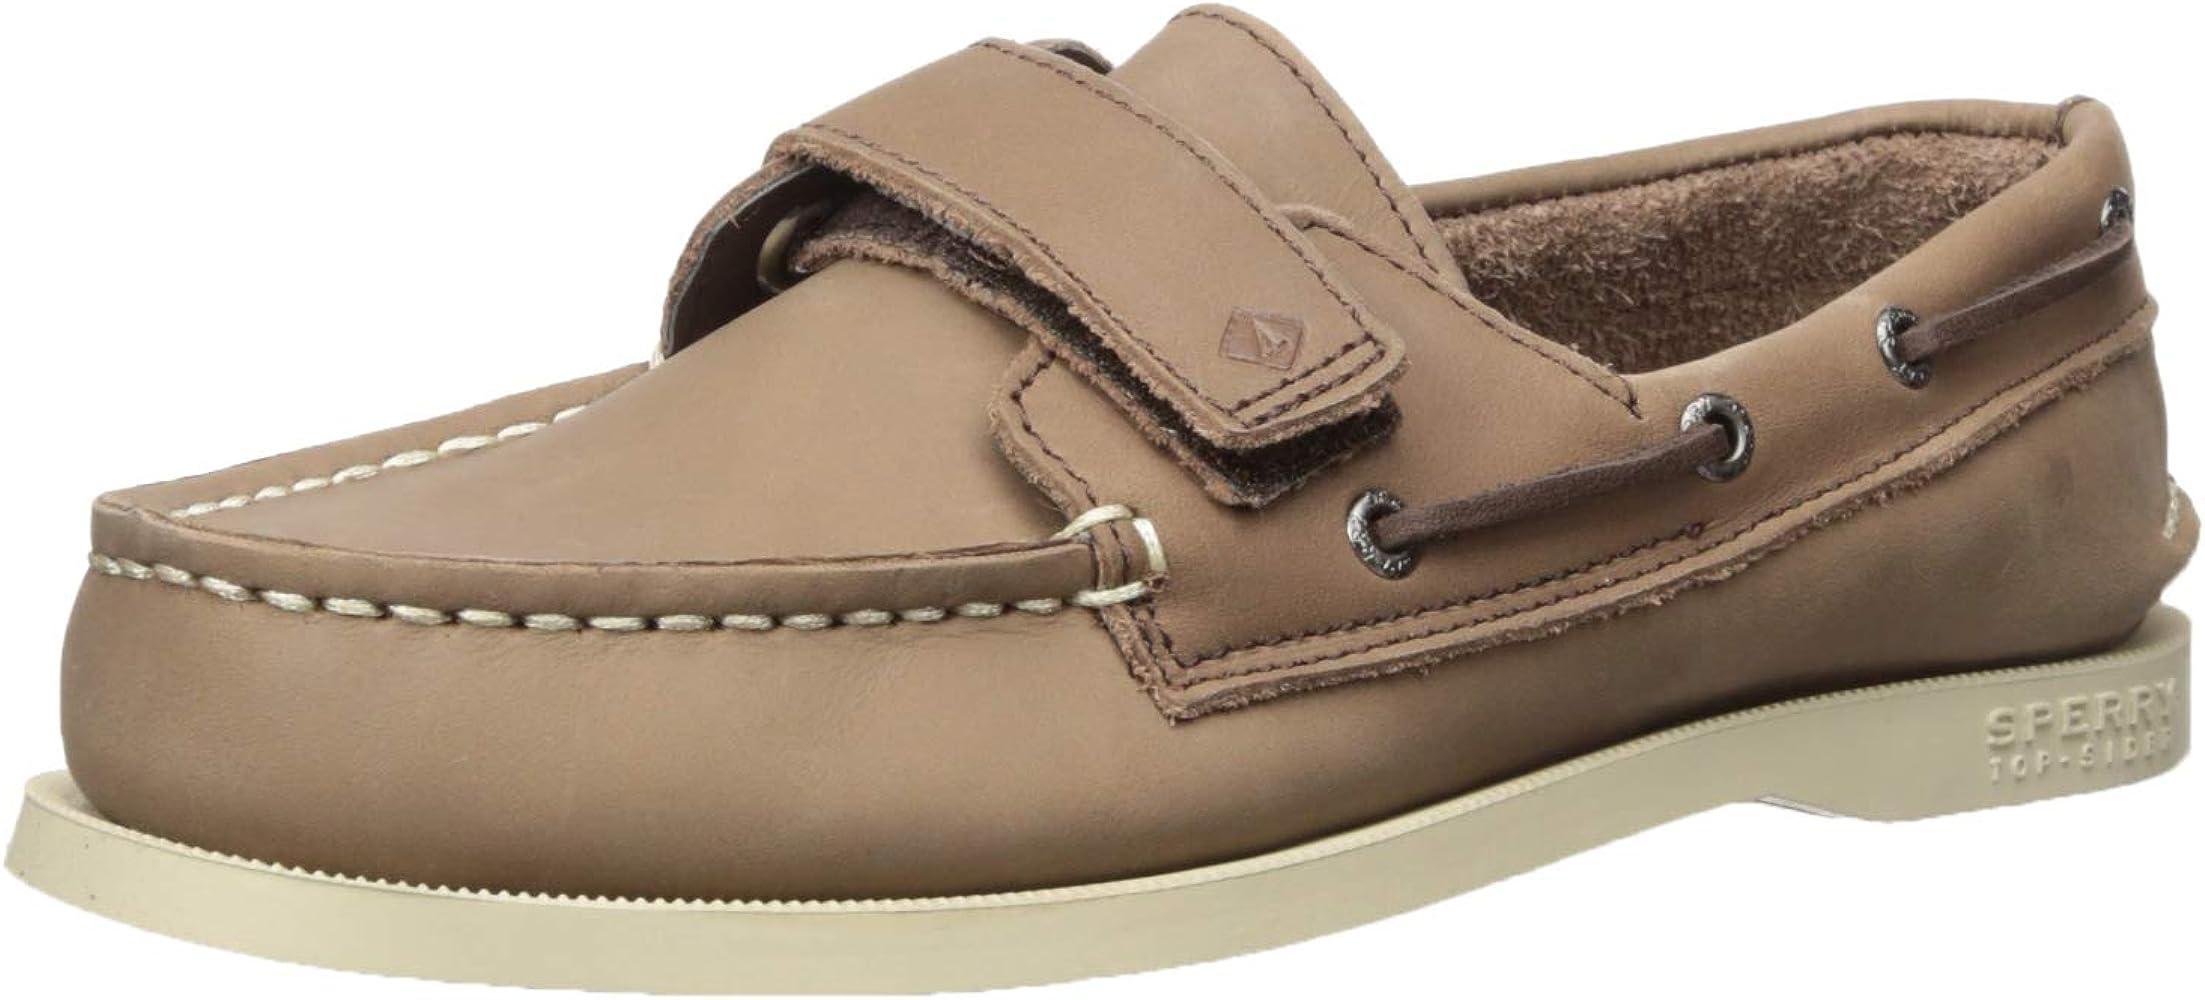 H\u0026L Boat Shoe (Toddler/Little Kid